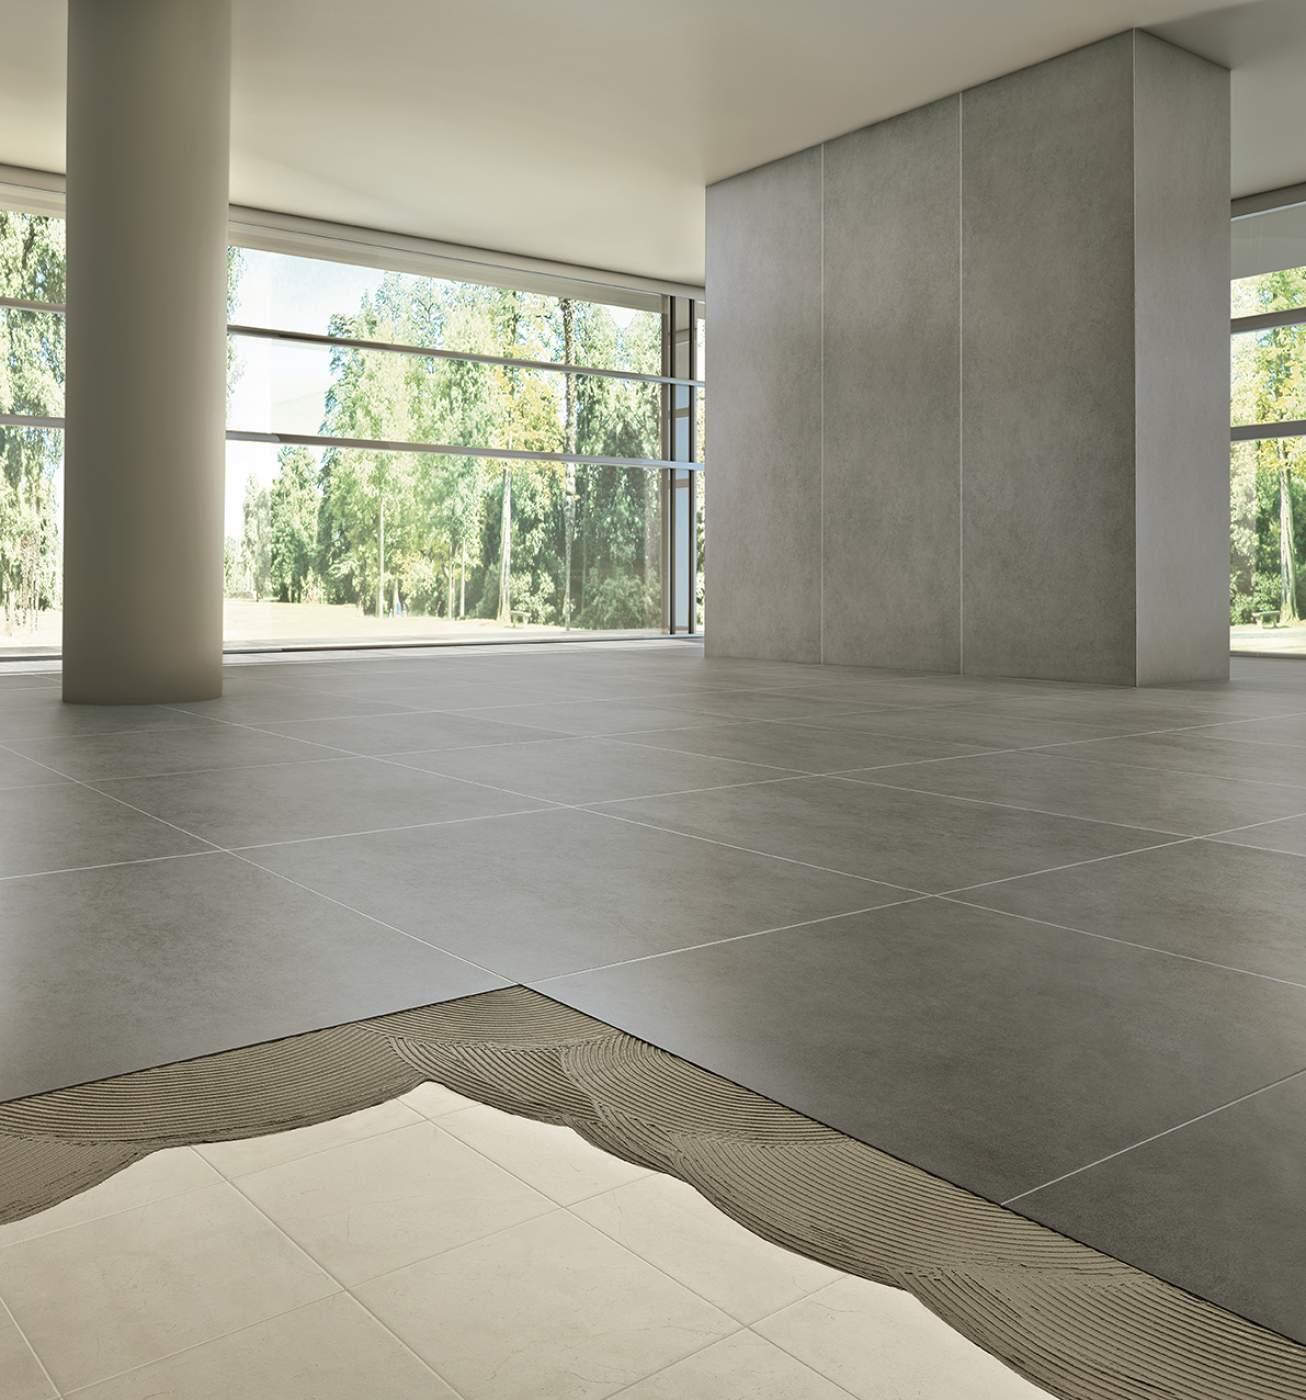 Vente De Carreau Très Faible Épaisseur 3,5Mm Au Grand Format ... intérieur Carrelage Faible Epaisseur